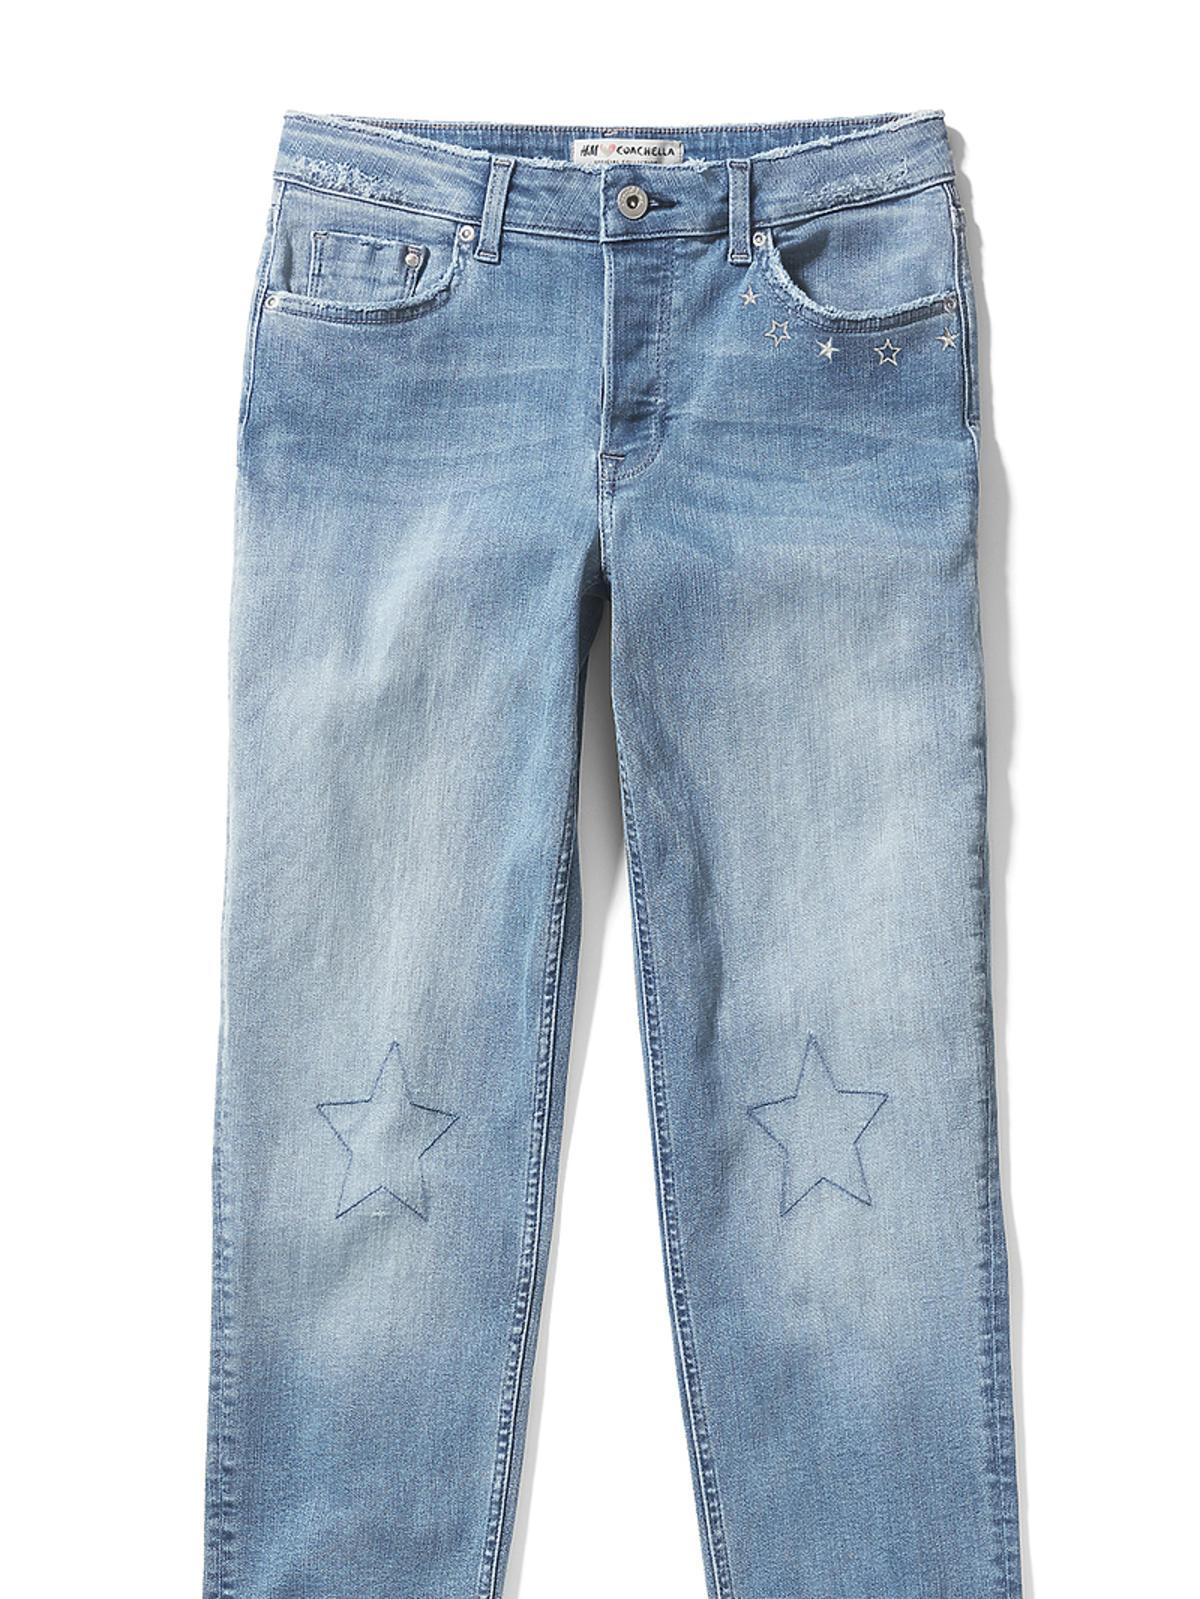 Dżinsy z postrzępionymi nogawkami - H&M, 149,90 zł